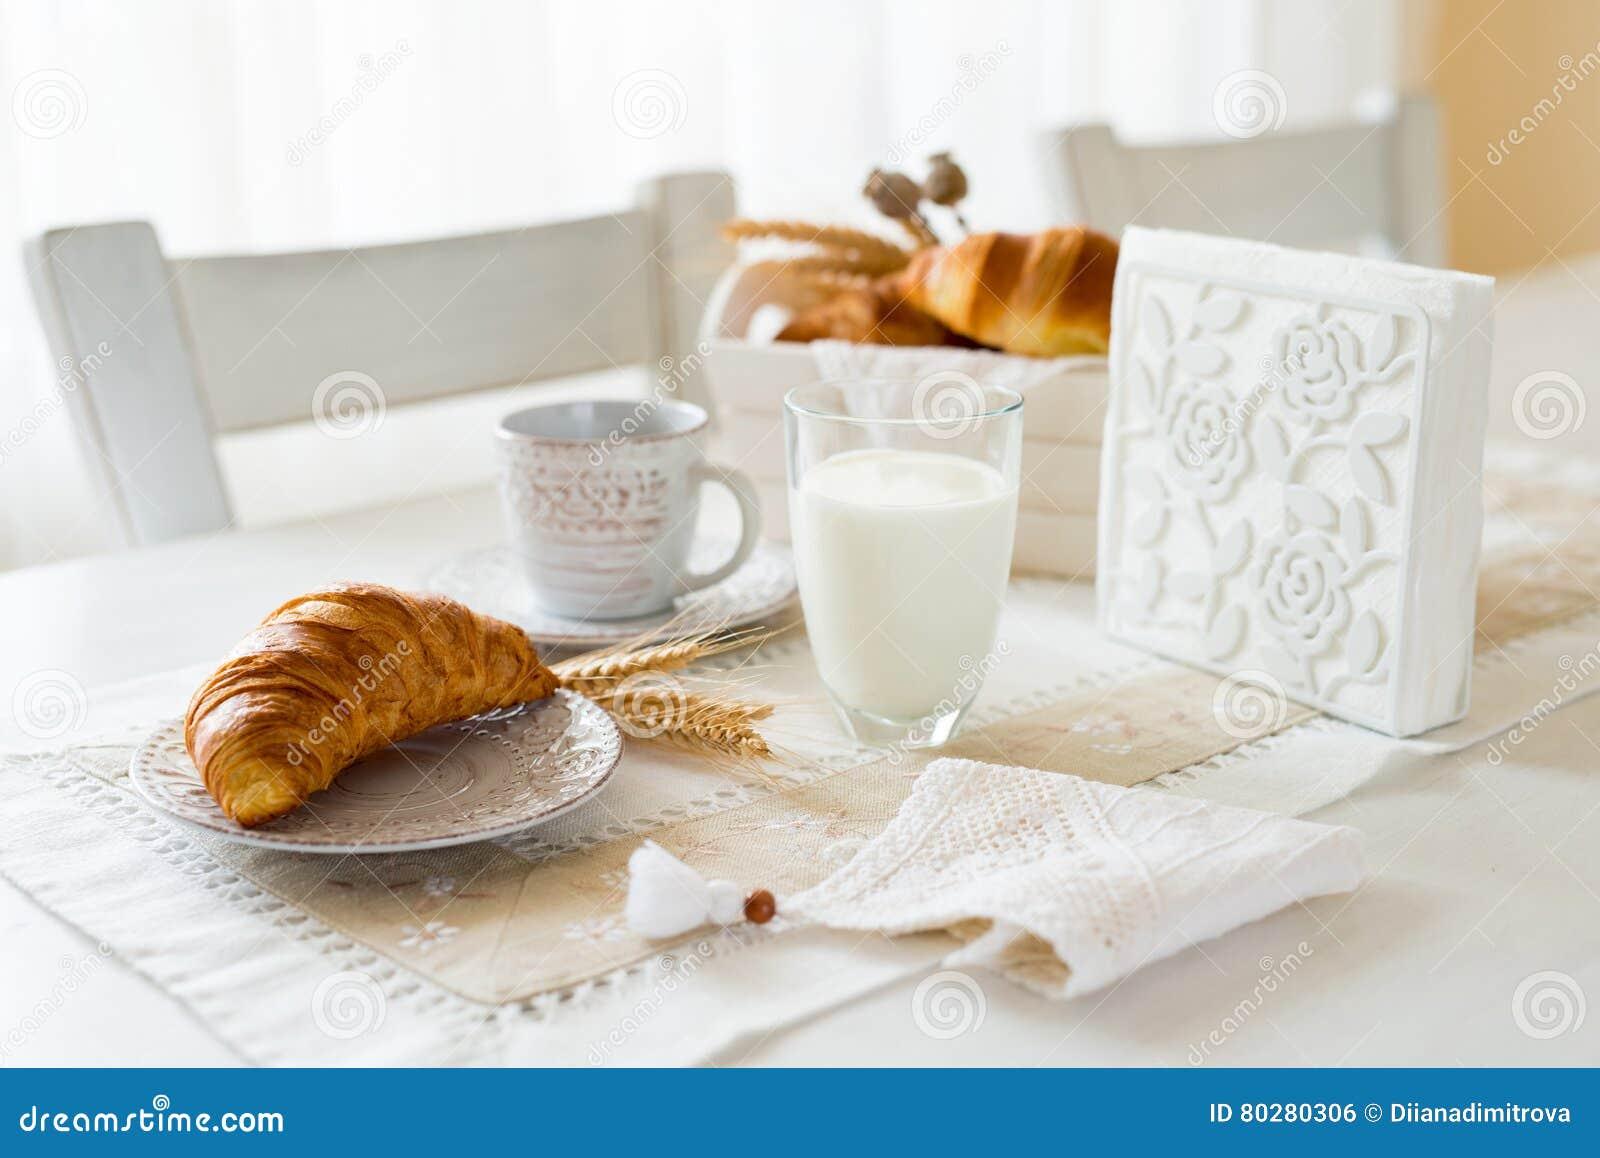 Завтрак с свеже испеченными круассанами